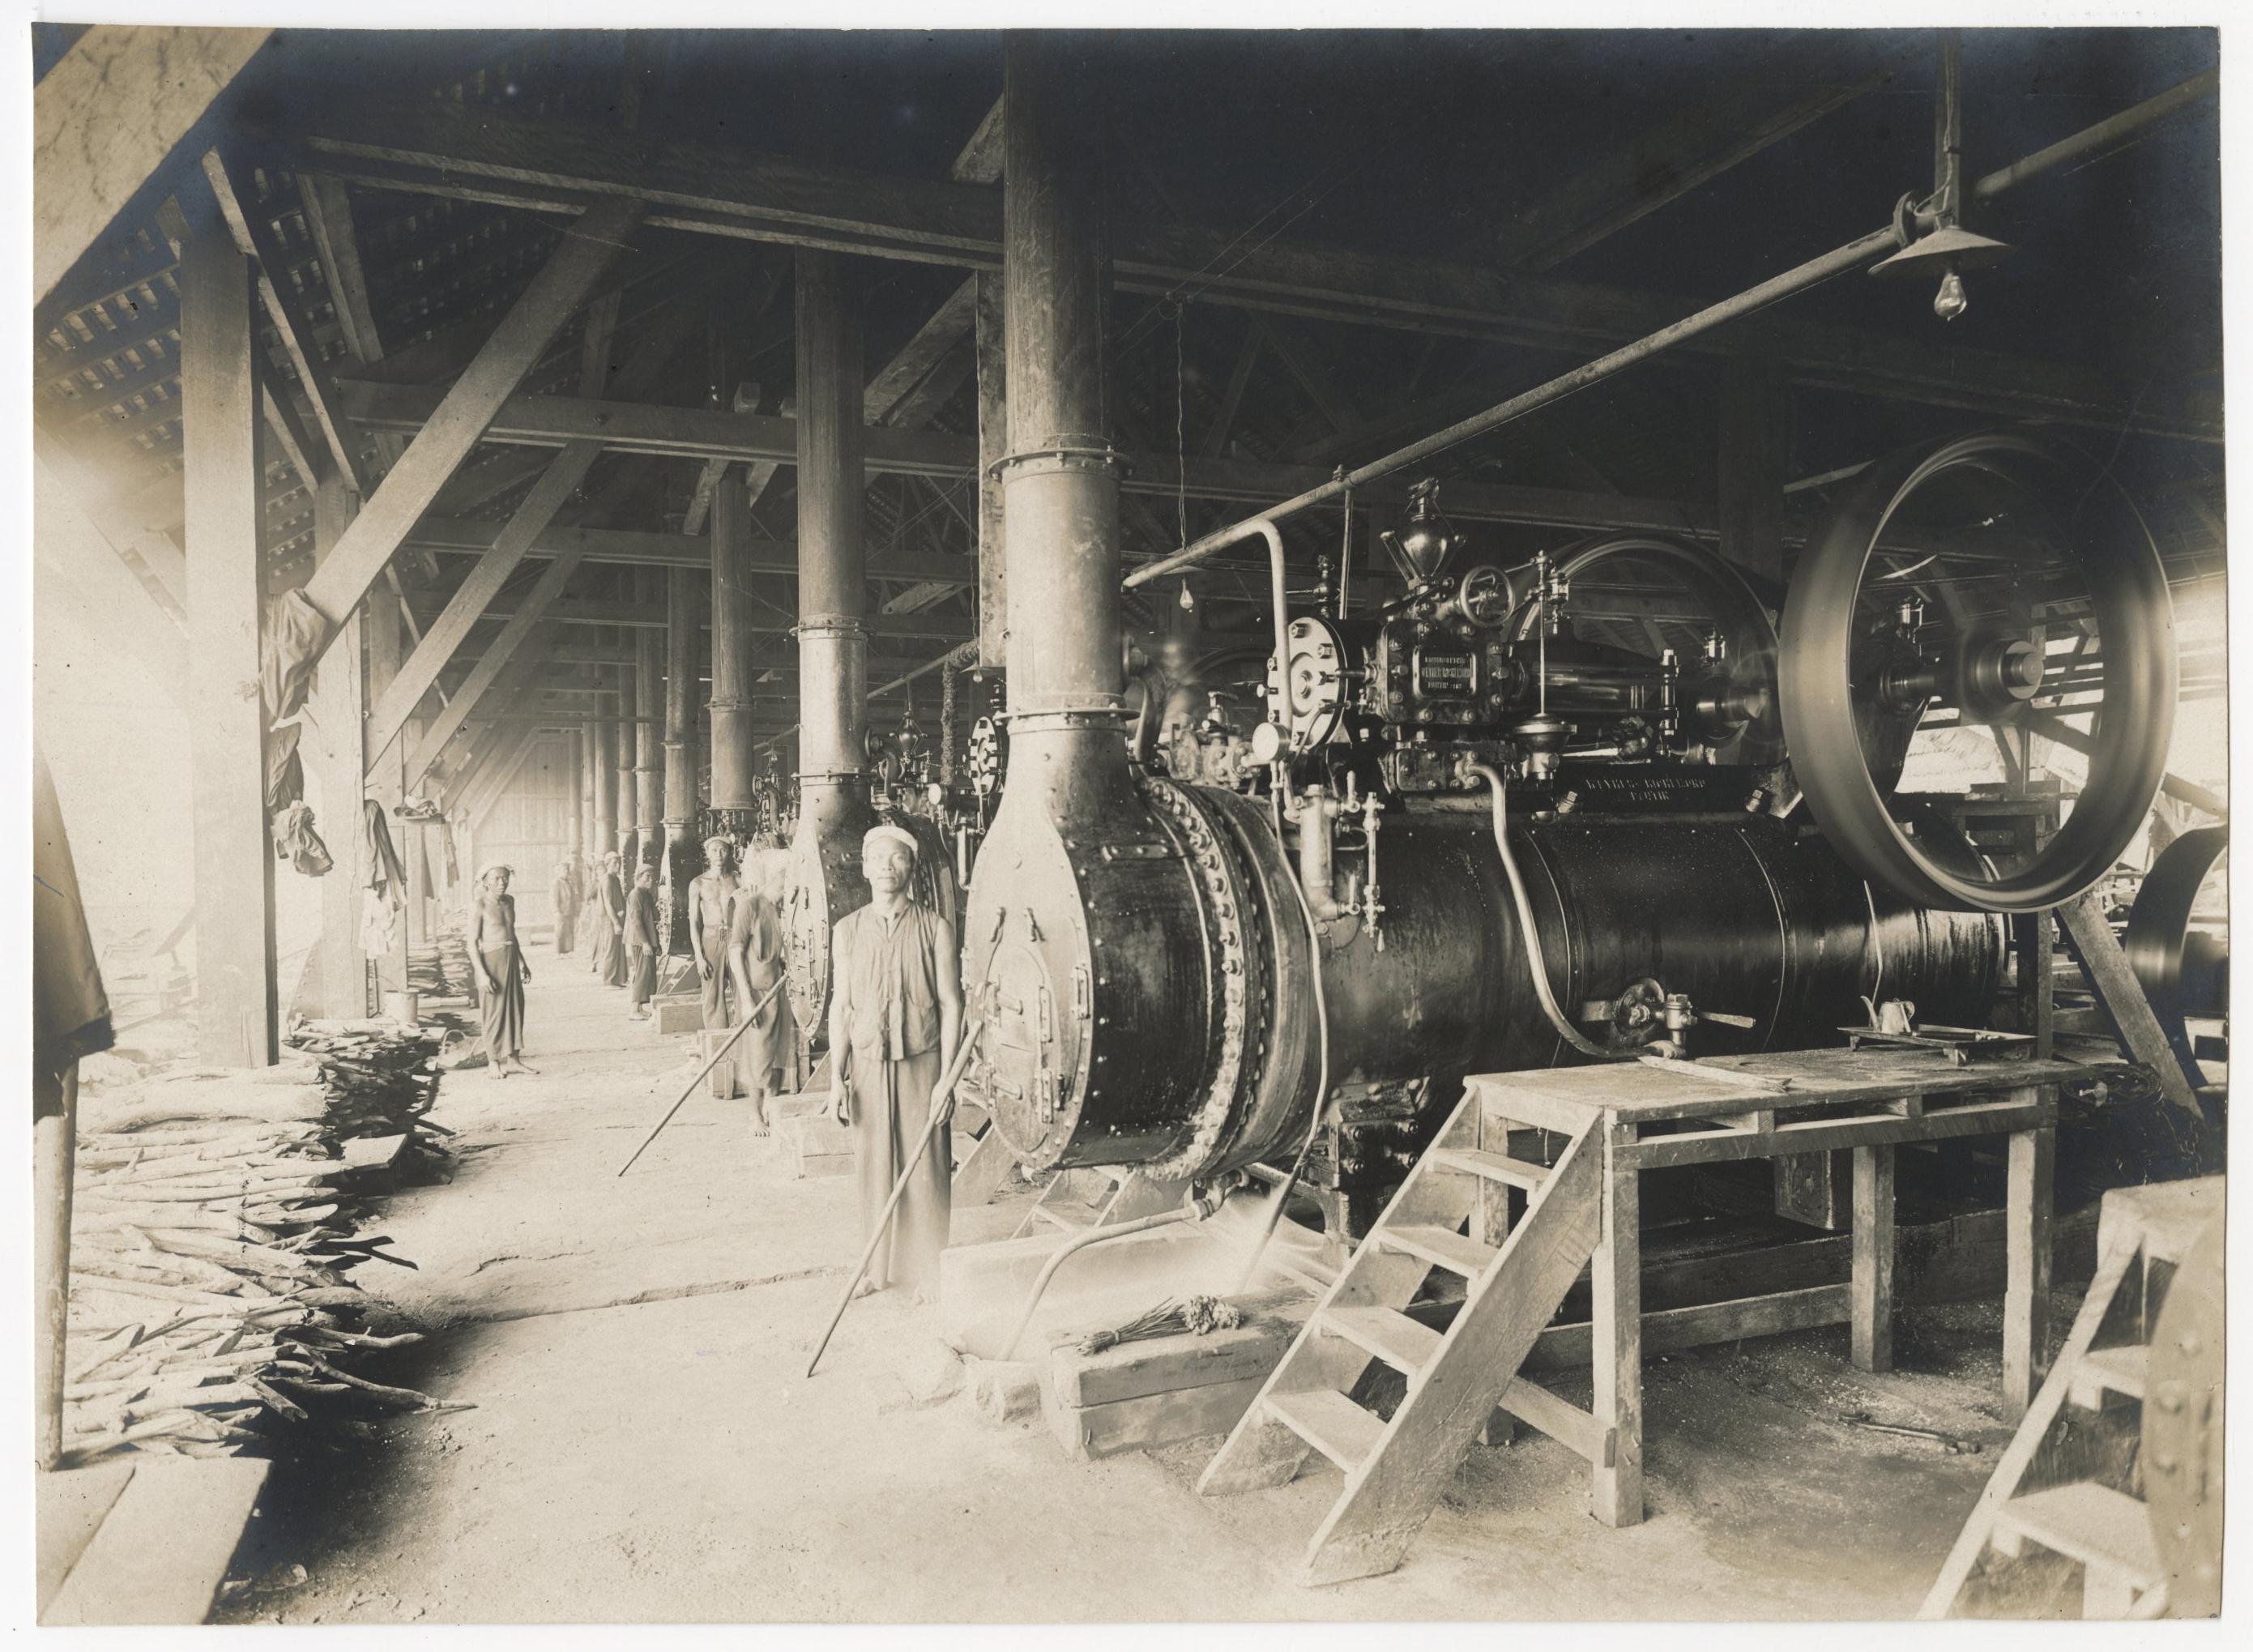 Photographie d'ouvriers indochinois et contremaîtres sur le chantier de construction d'un quai sur la rive droite de la rivière de Saigon, 1907-1910 : enlèvement des remblais et enrochements derrière le mur de quai.